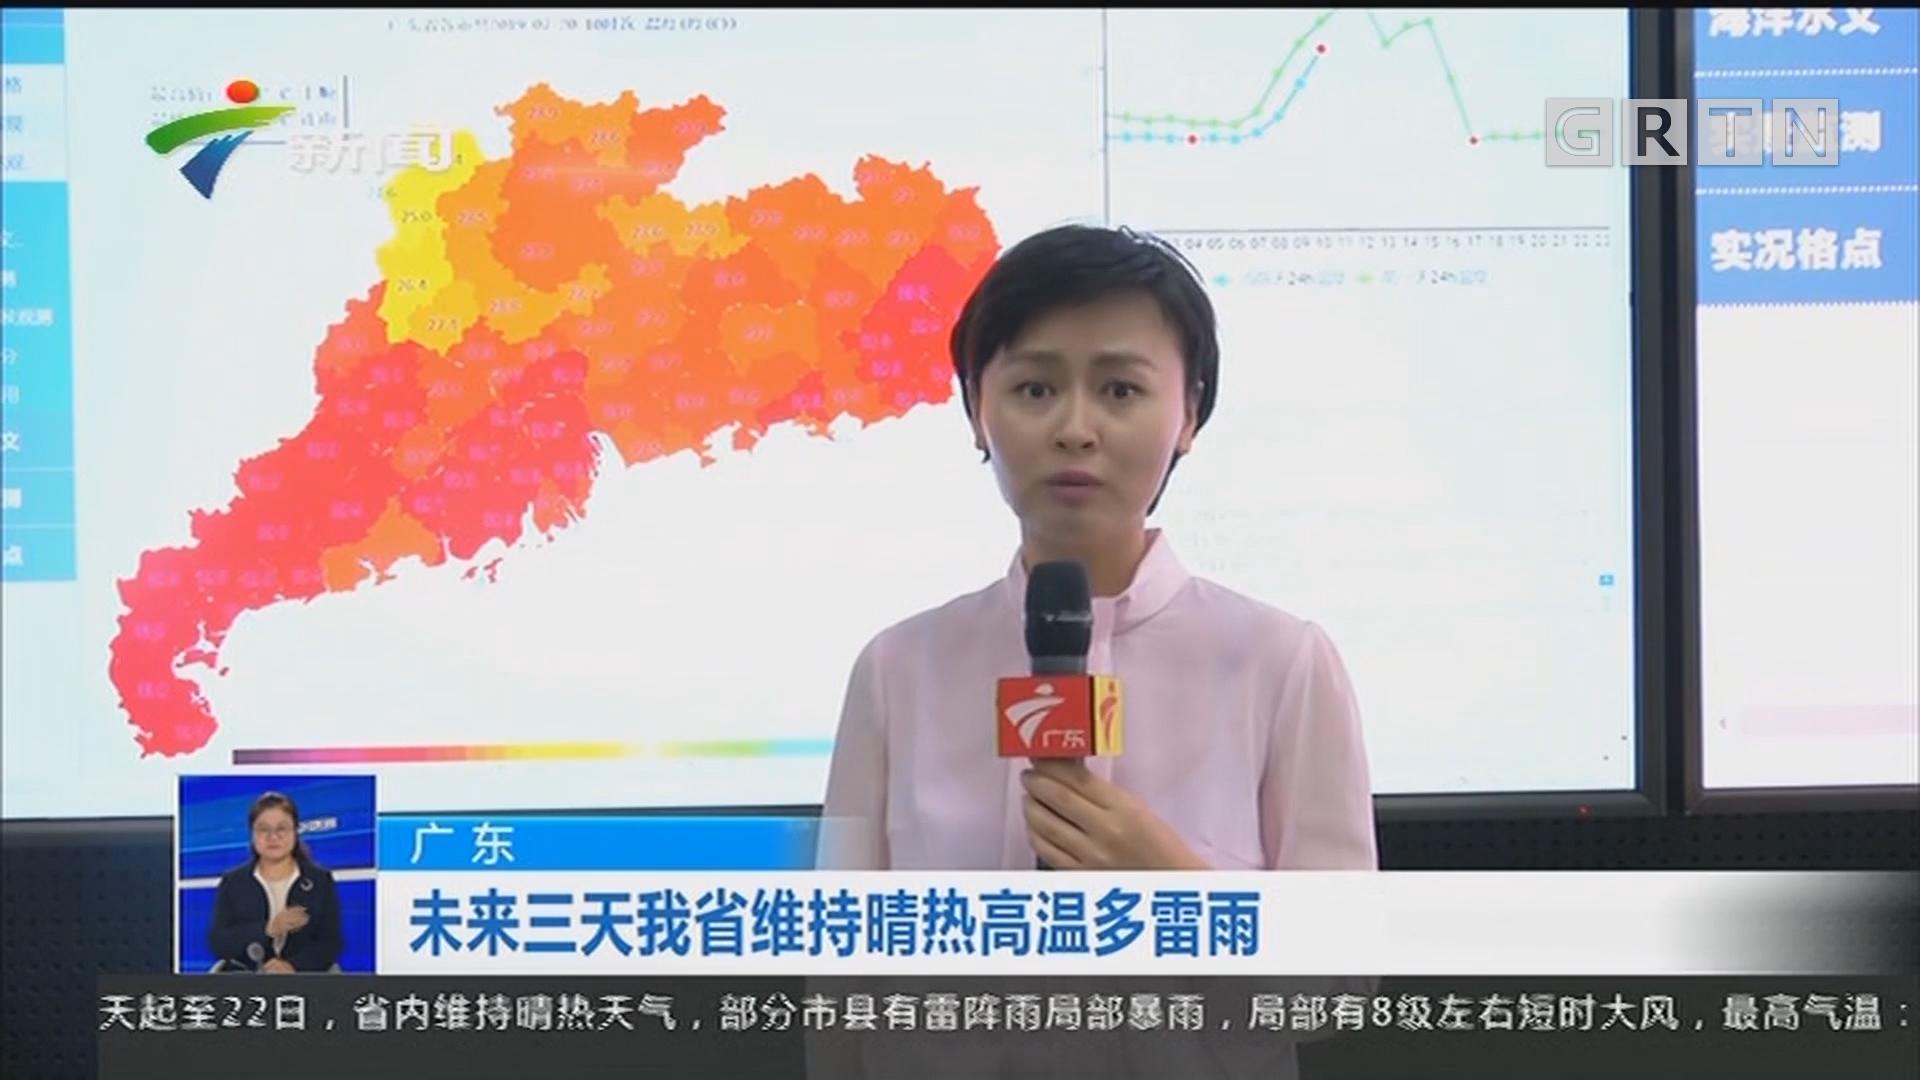 广东:未来三天我省维持睛热高温多雷雨